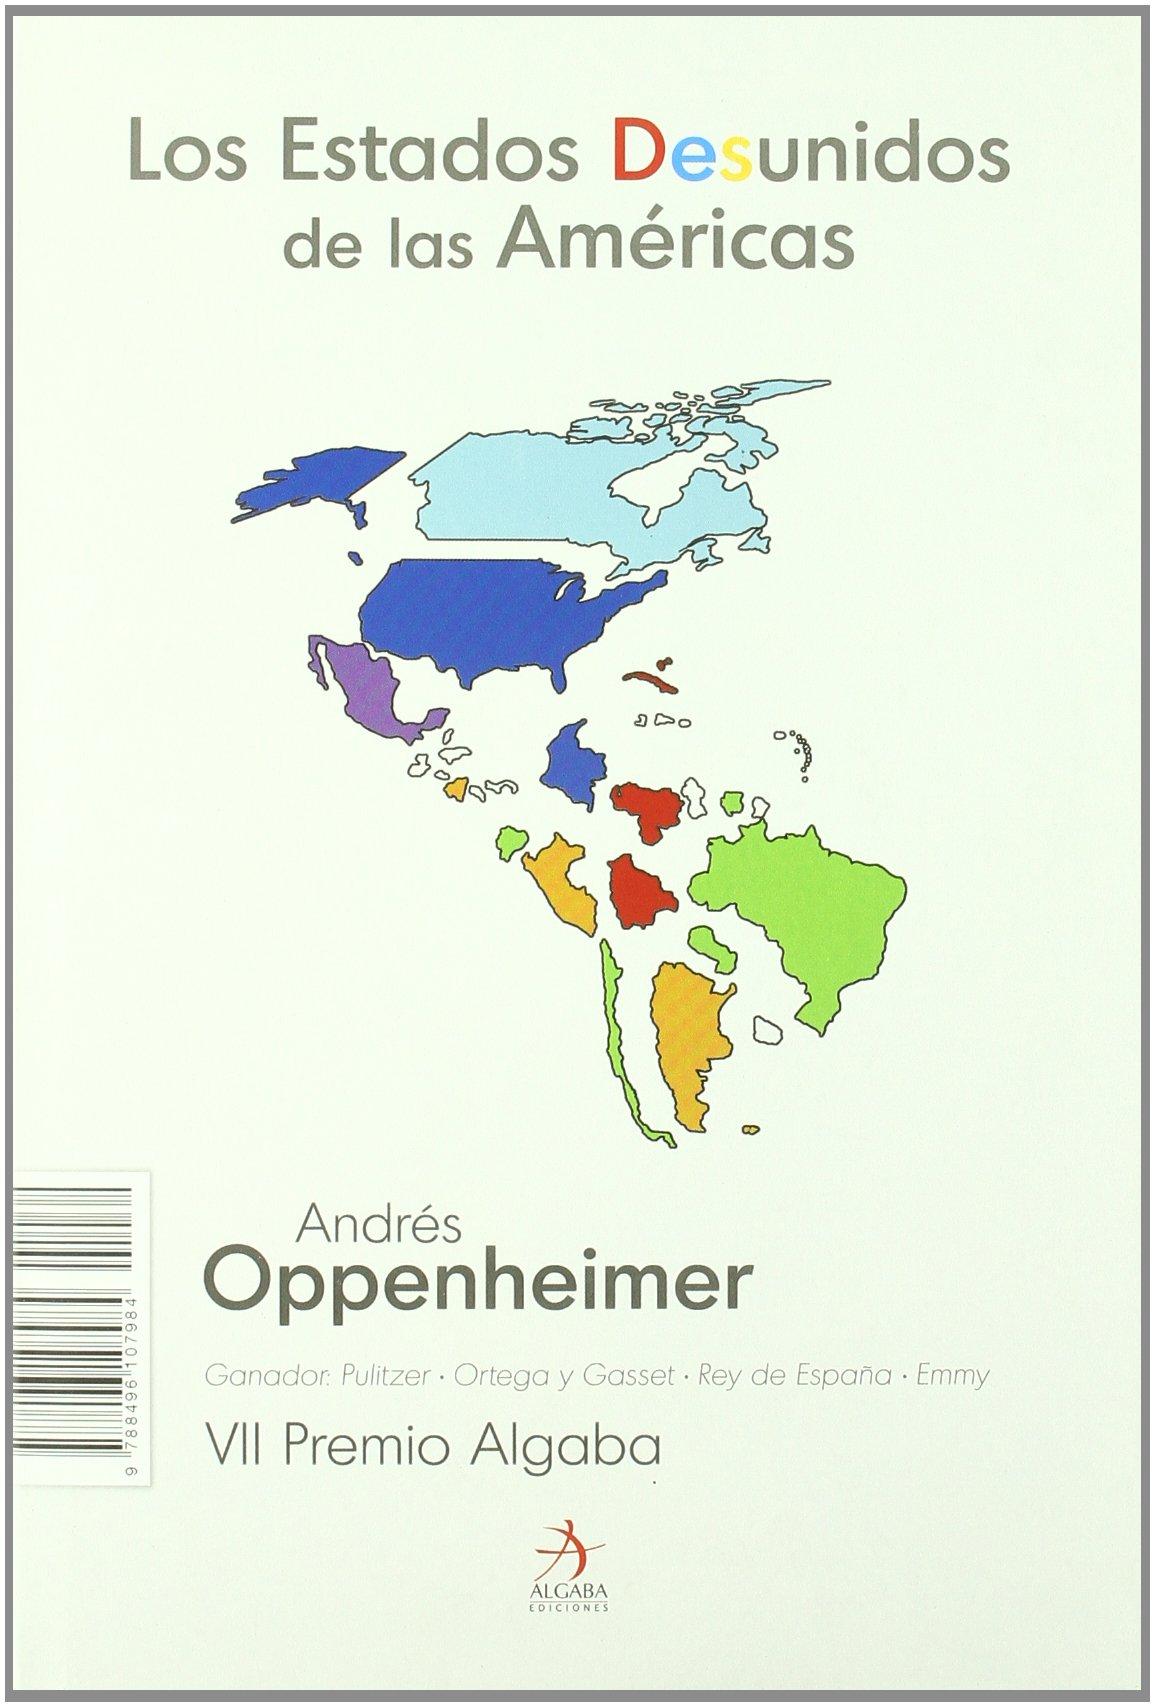 Los Estados Desunidos de las Americas